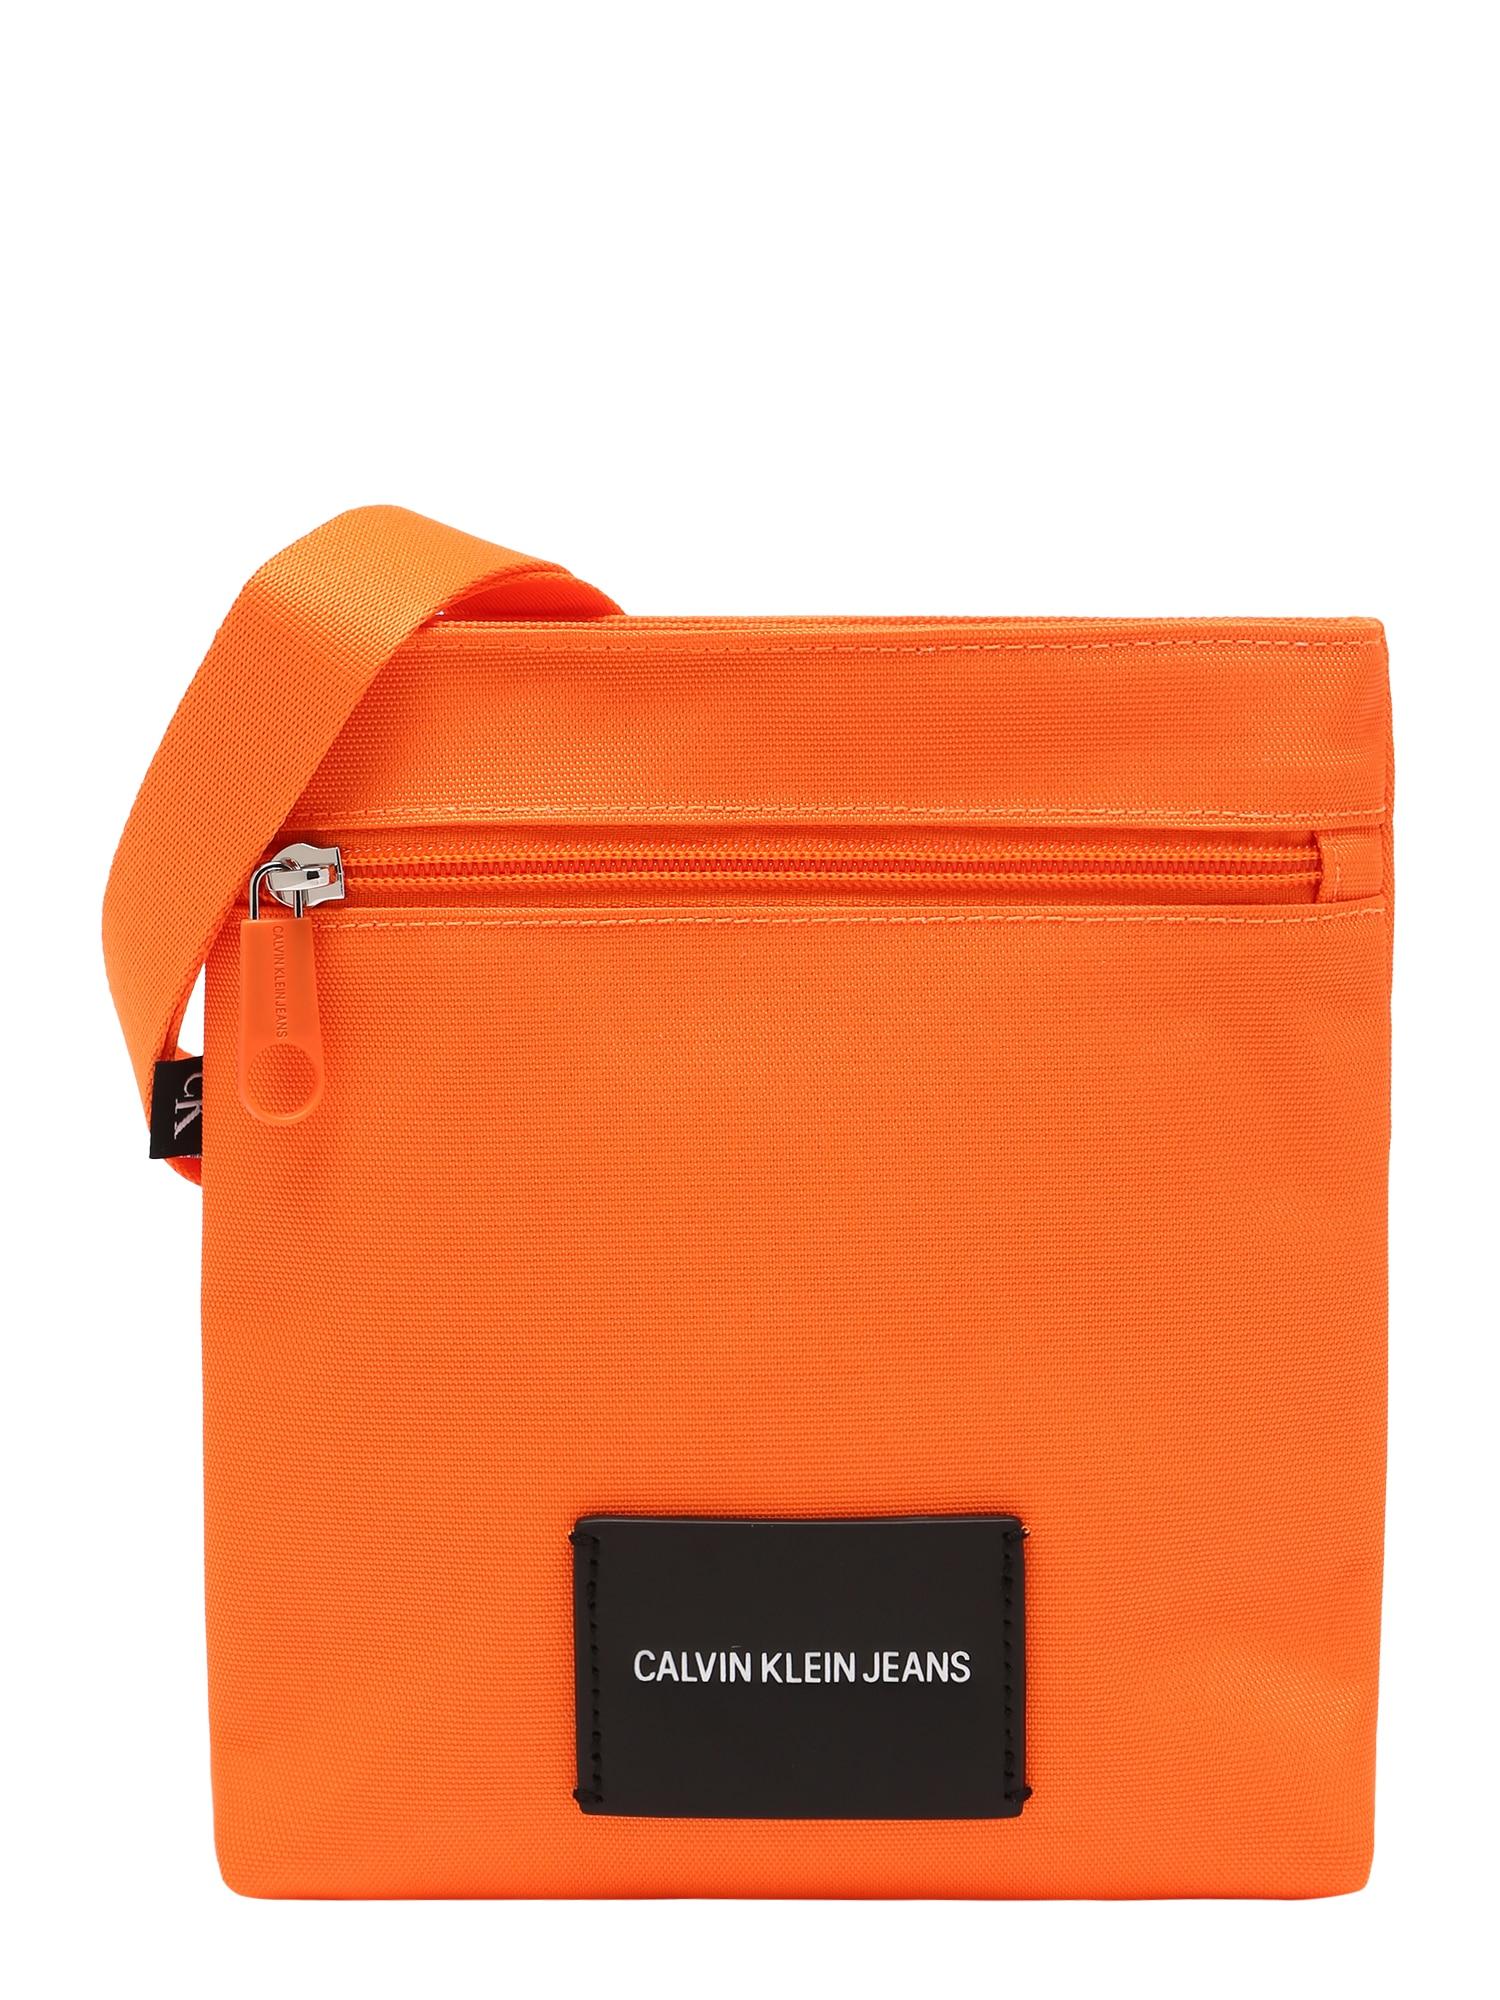 Calvin Klein Jeans Rankinė su ilgu dirželiu šviesiai oranžinė / juoda / balta